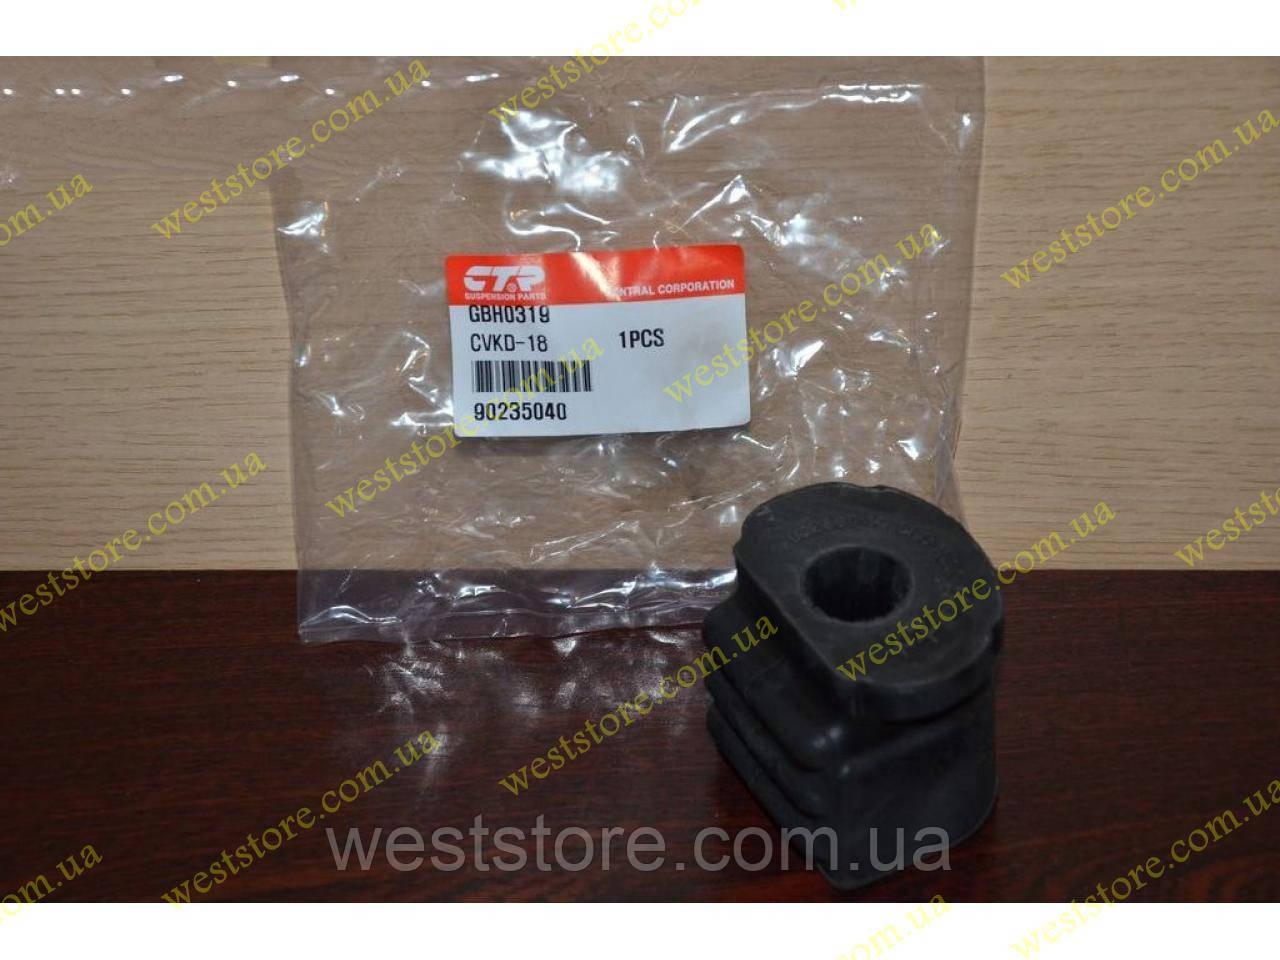 Сайлентблок (втулка) переднего рычага задний Ланос Сенс Lanos Sens CTR CVKD-18\ 90235040